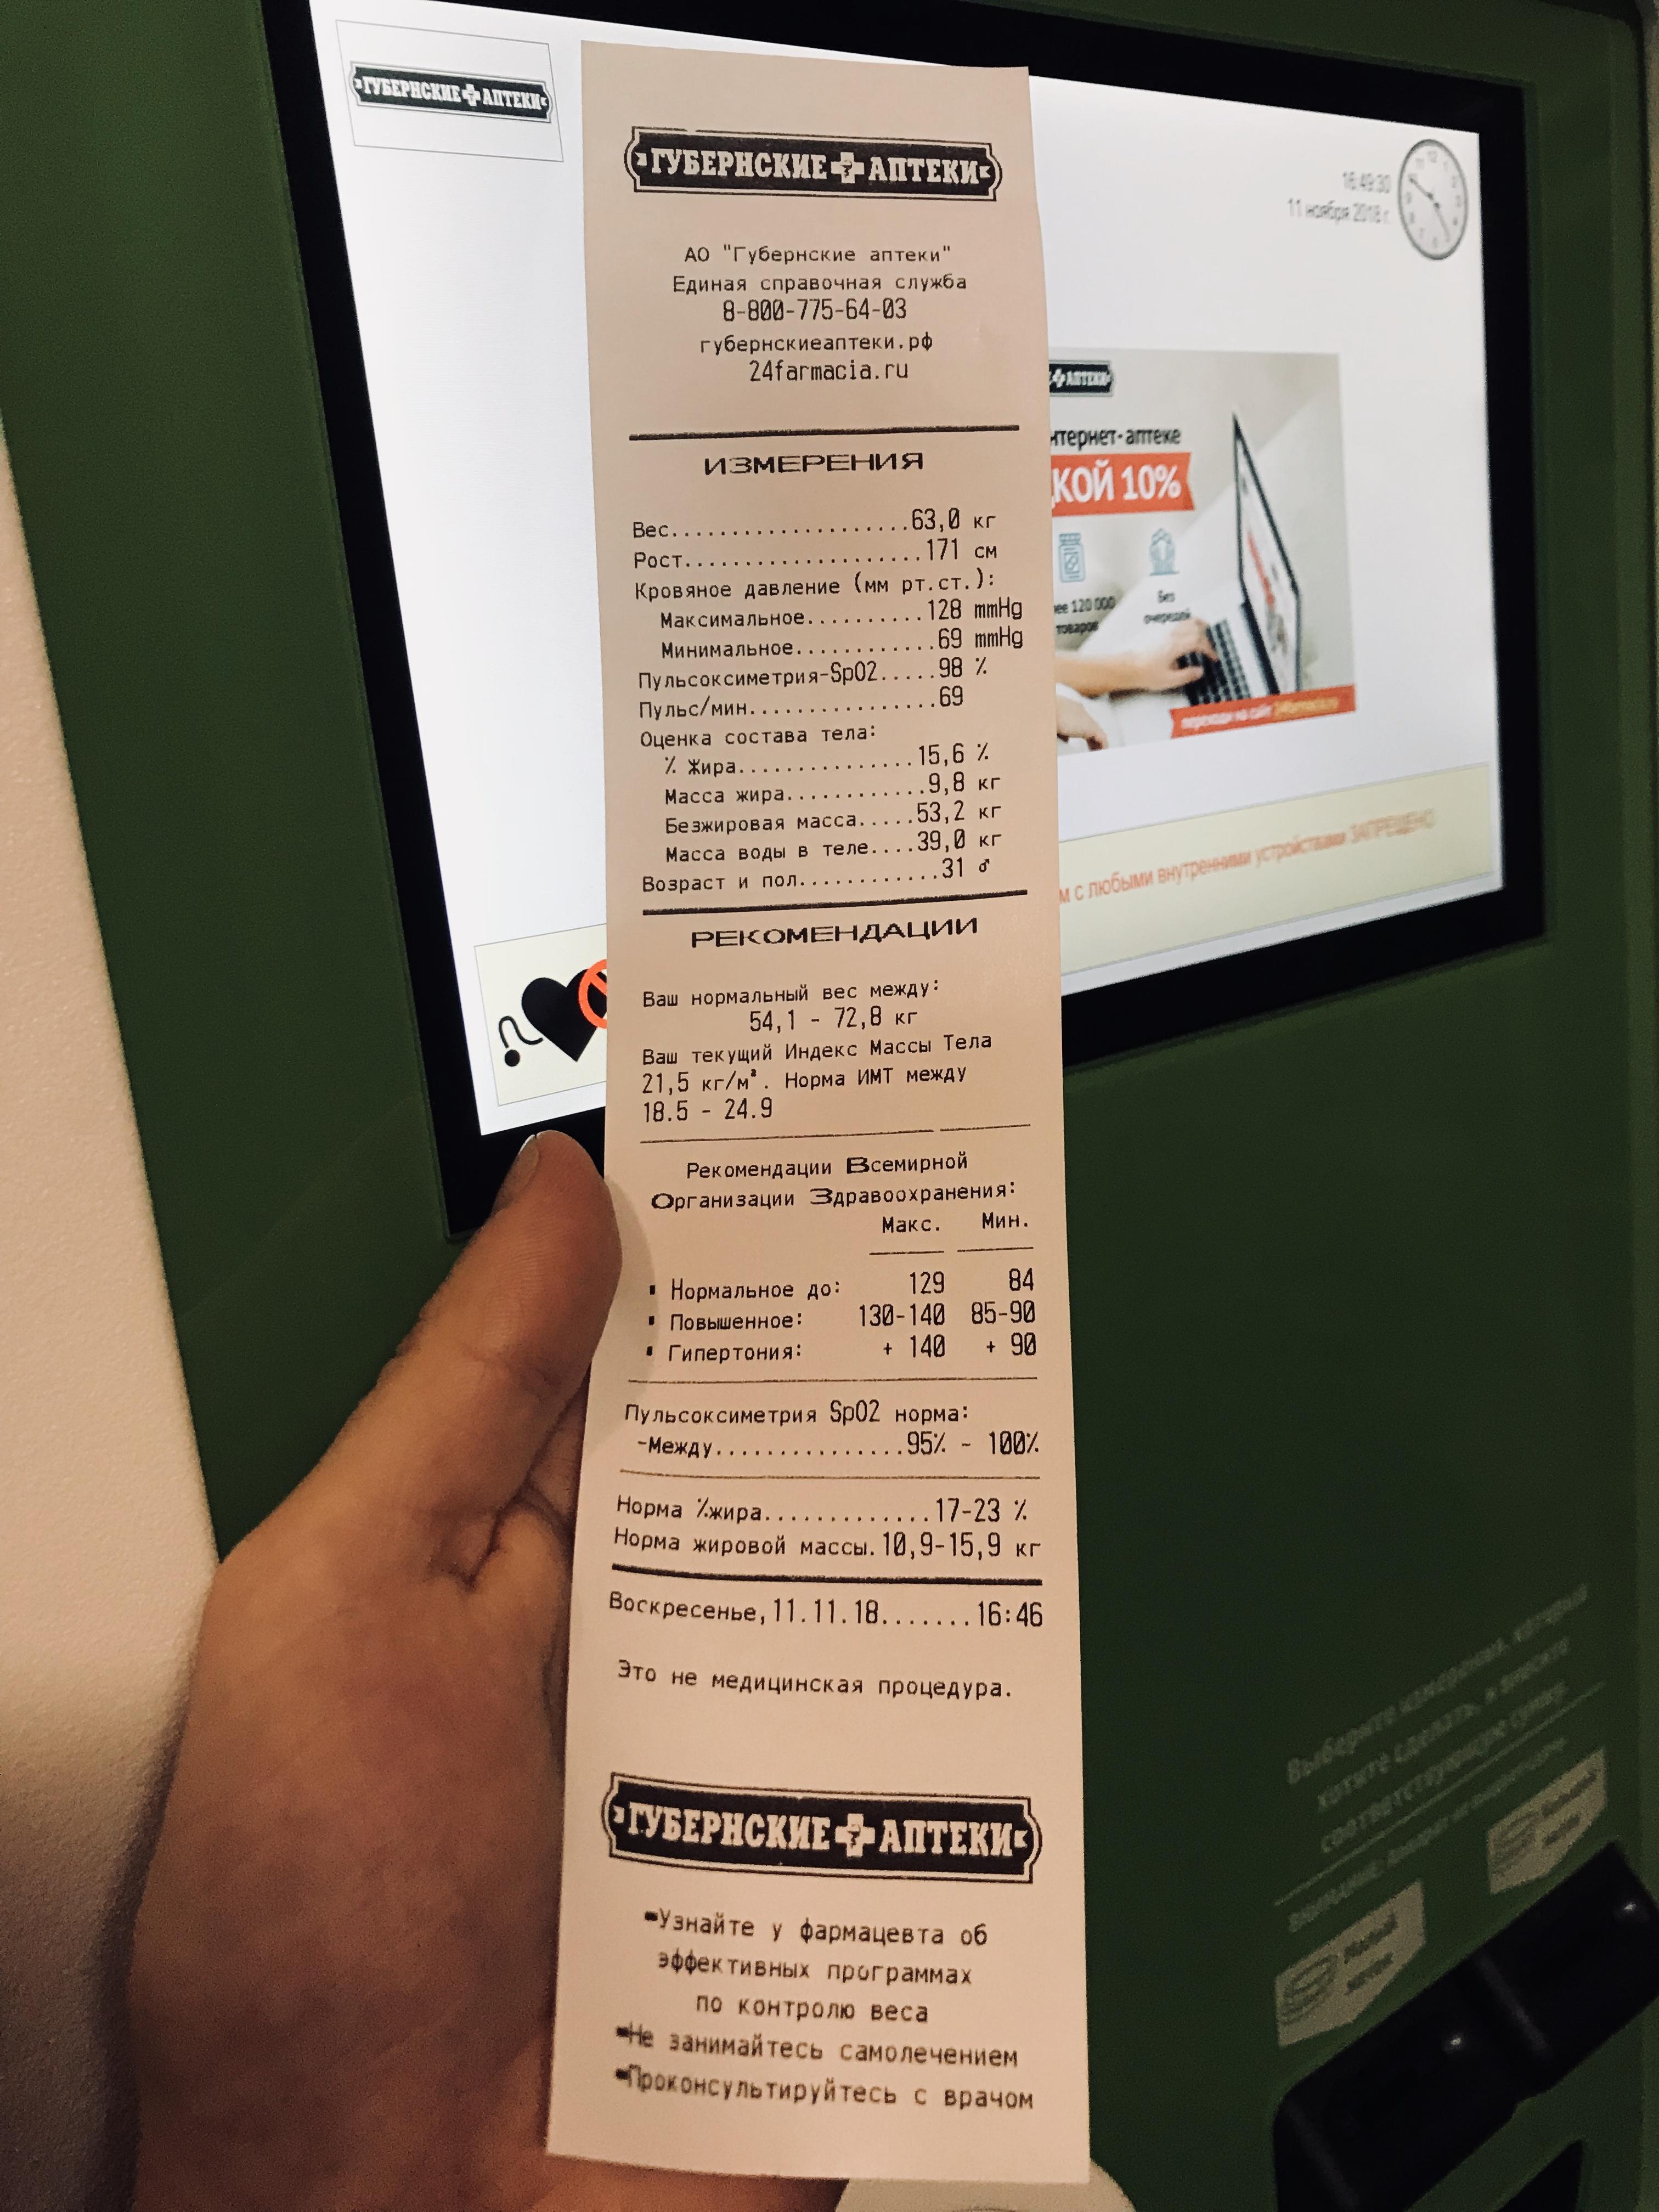 виды рекламы в аптеки-фото